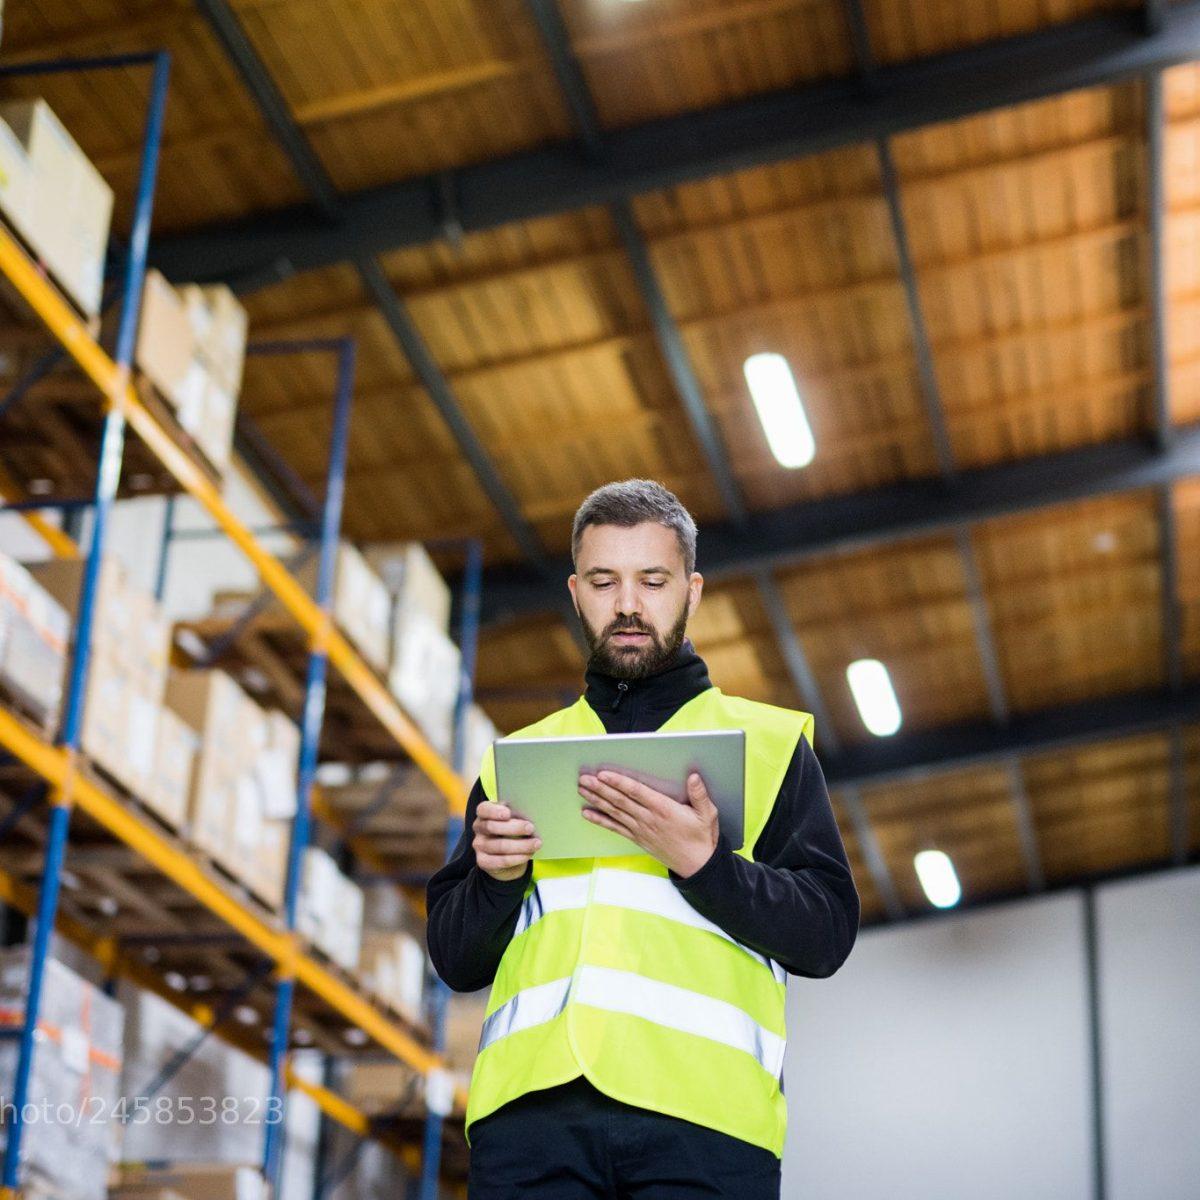 Training Designing & Managing Lean Warehousing